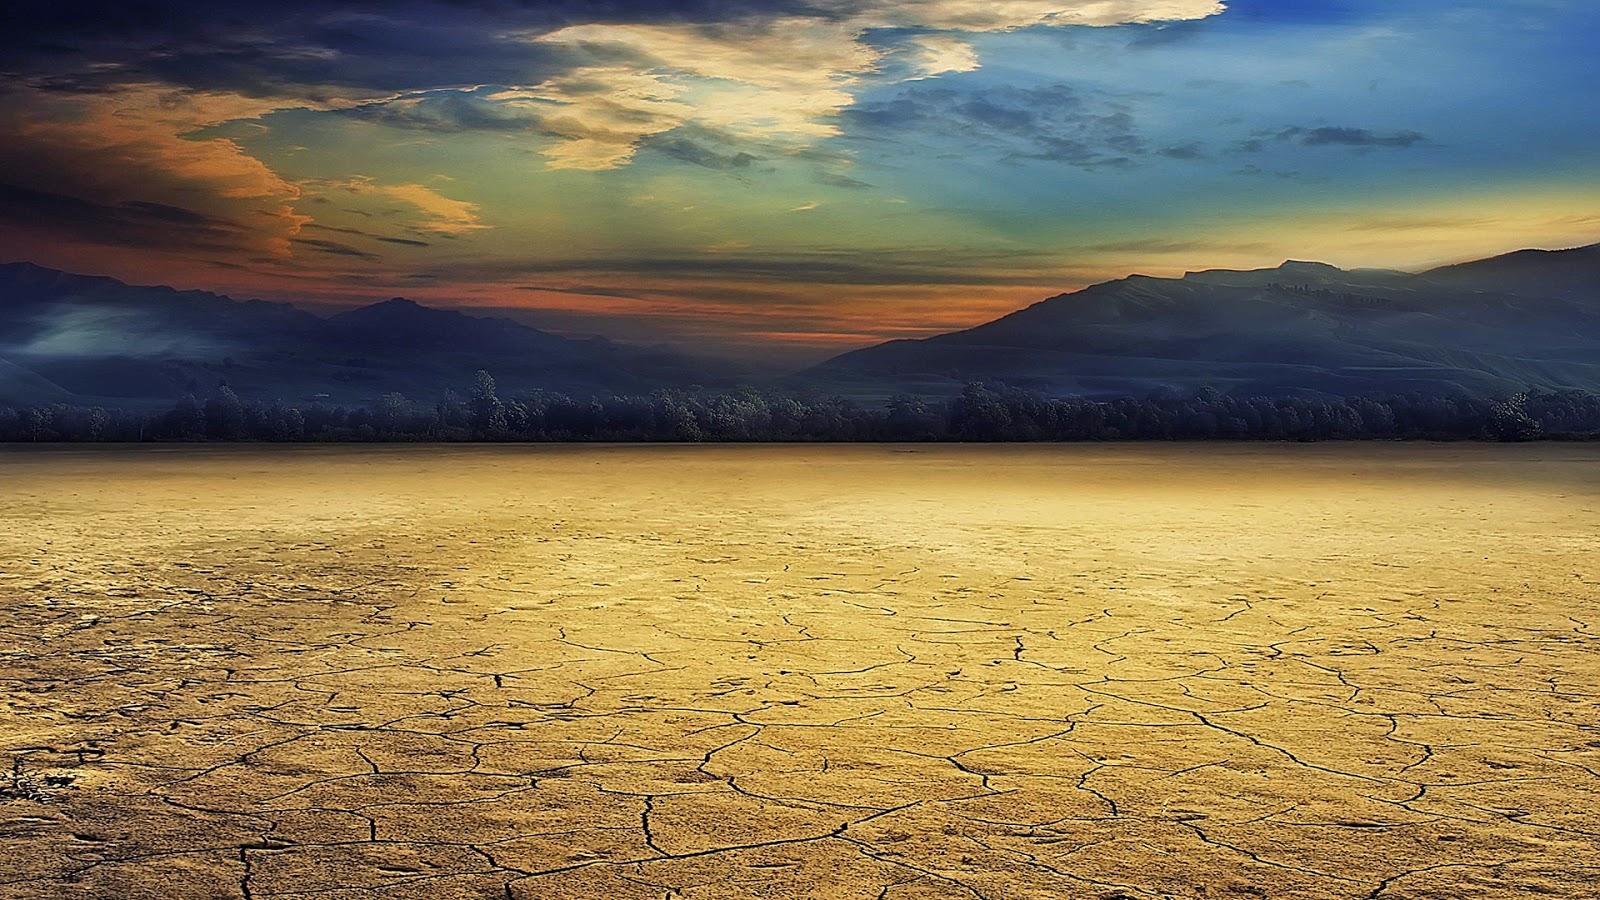 Dry Desert Land